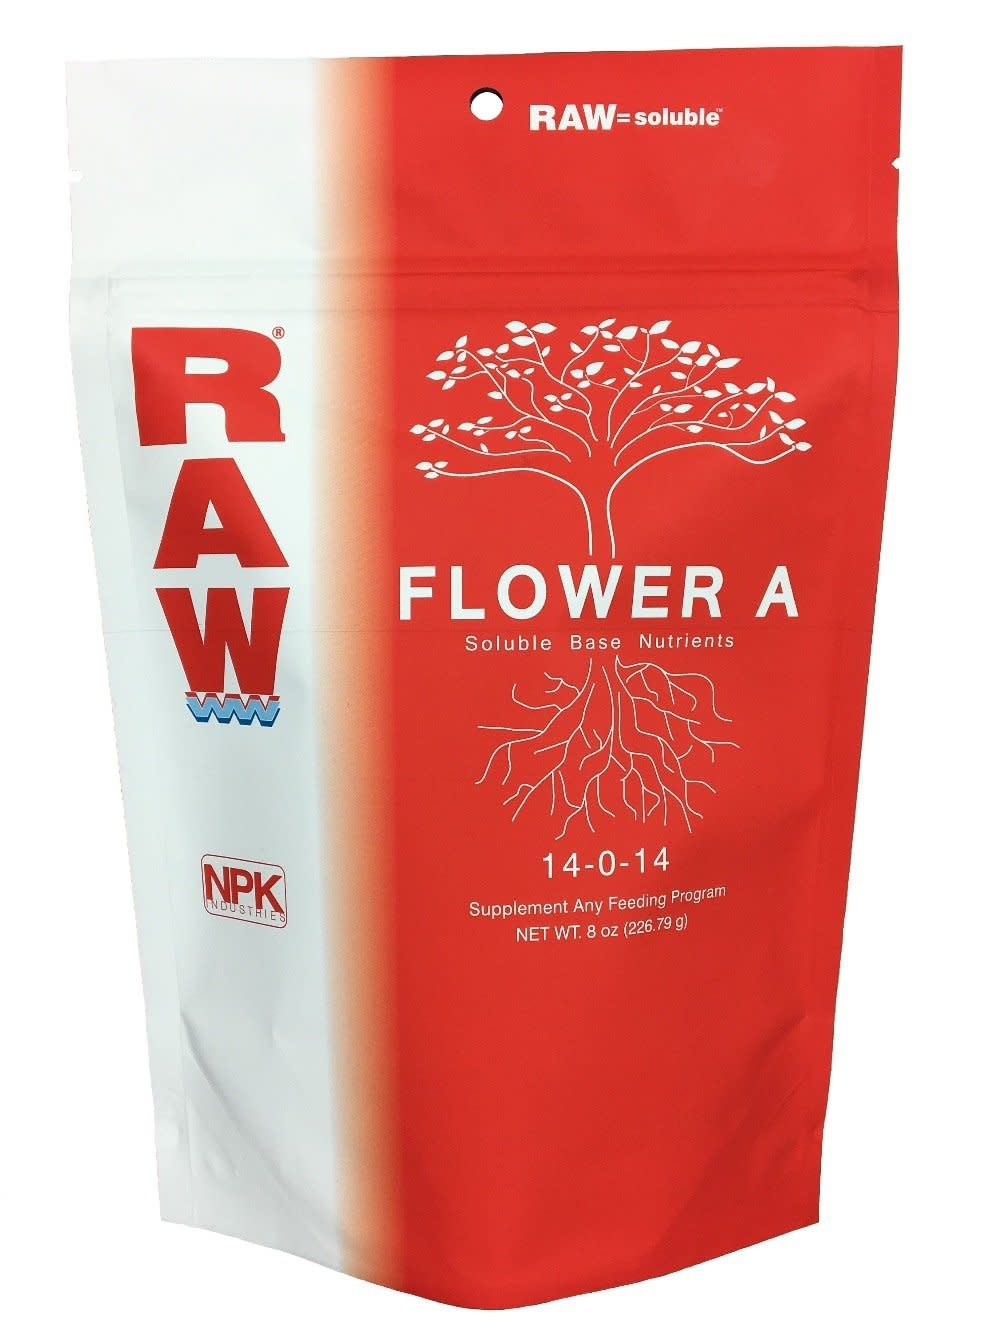 Raw - Flower A